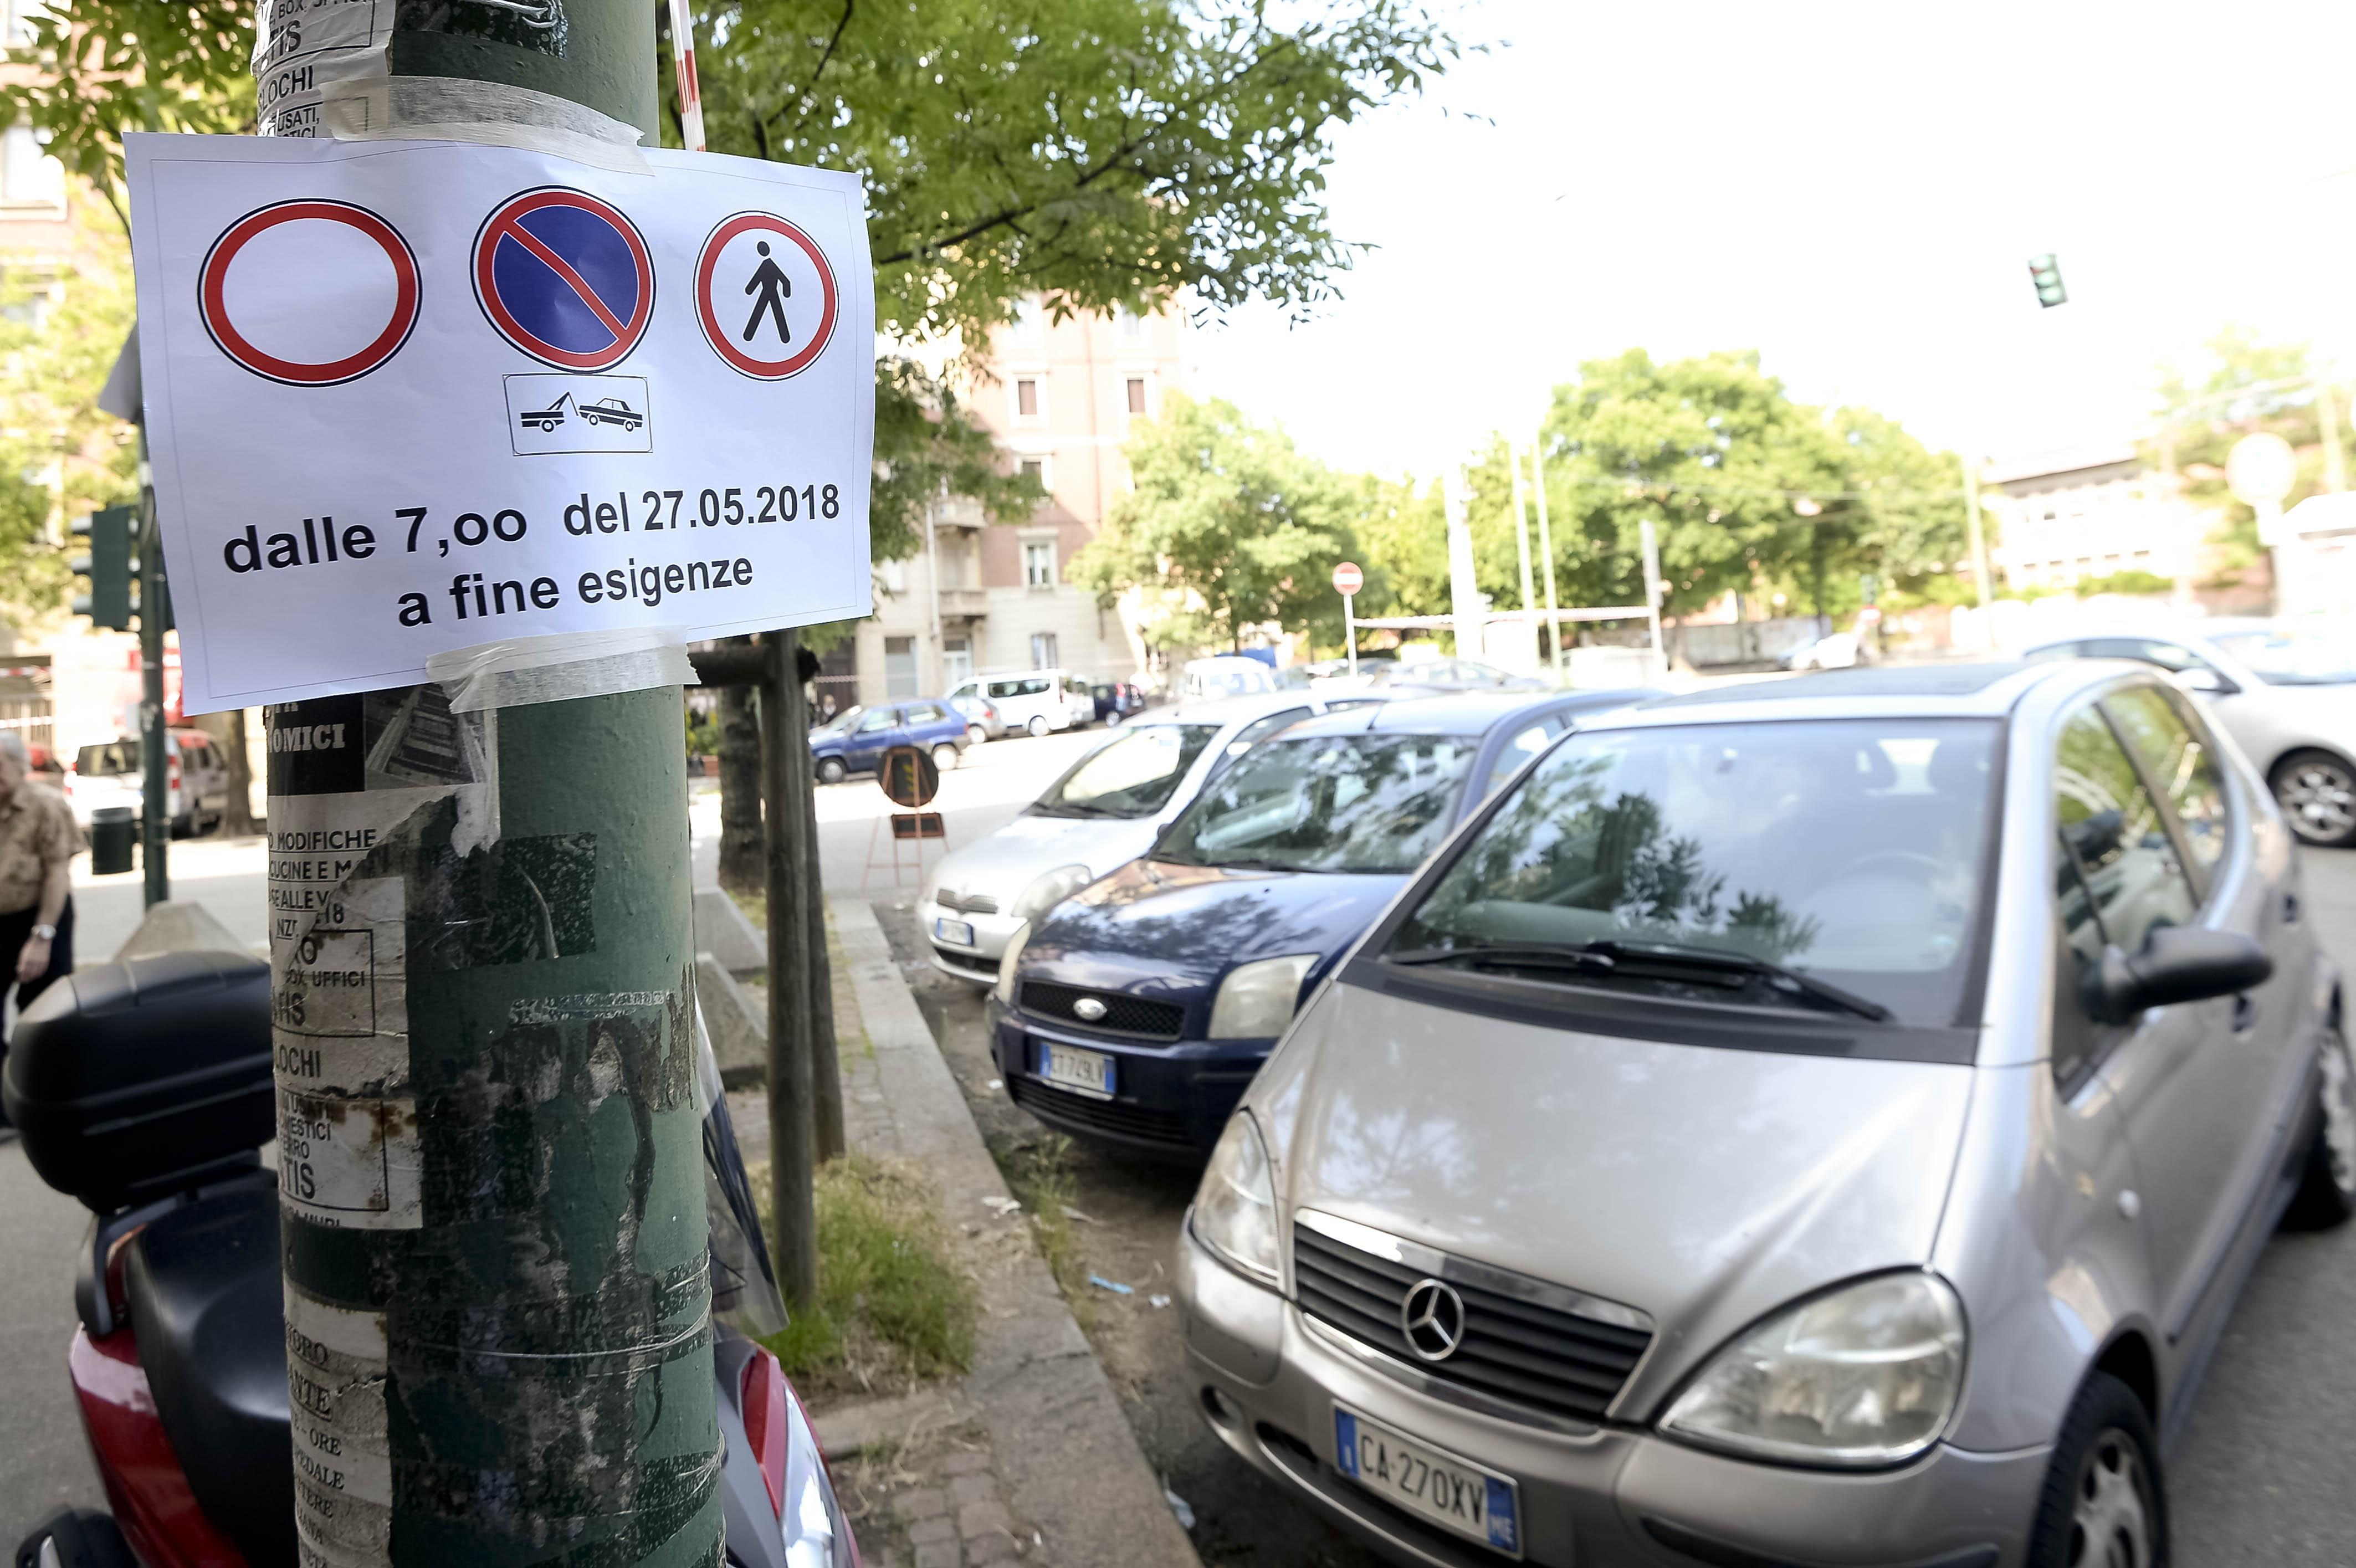 Ufficio A Ore Torino : Lingotto ore con l ordigno bellico e scatta il piano